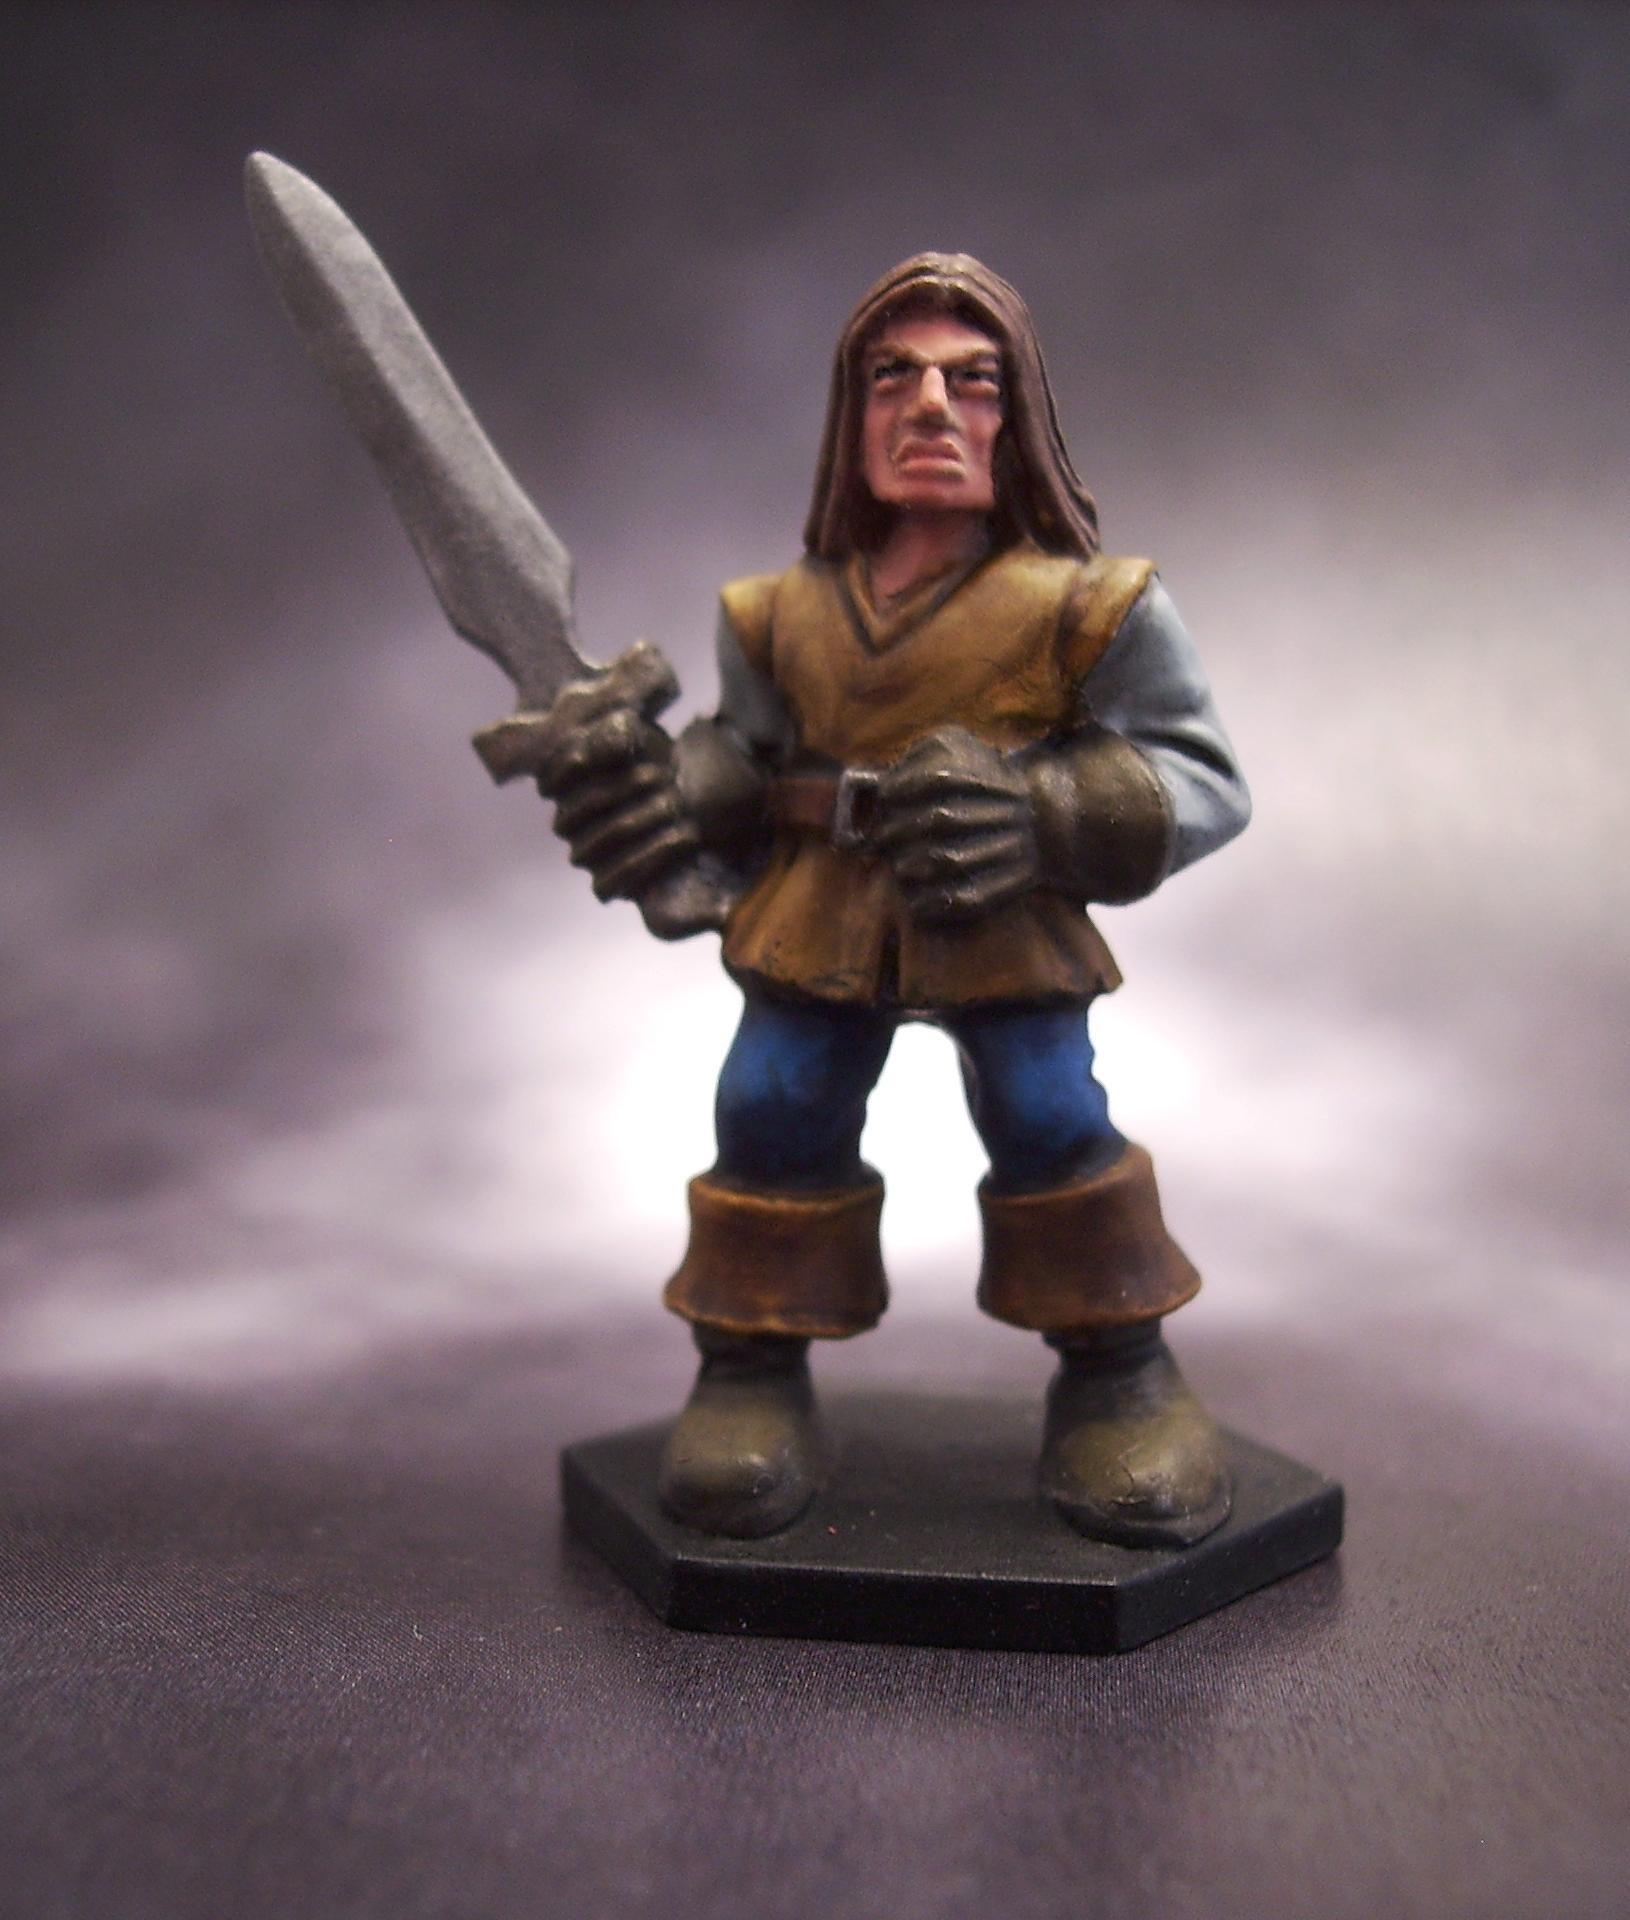 Adventurer, Dungeonquest